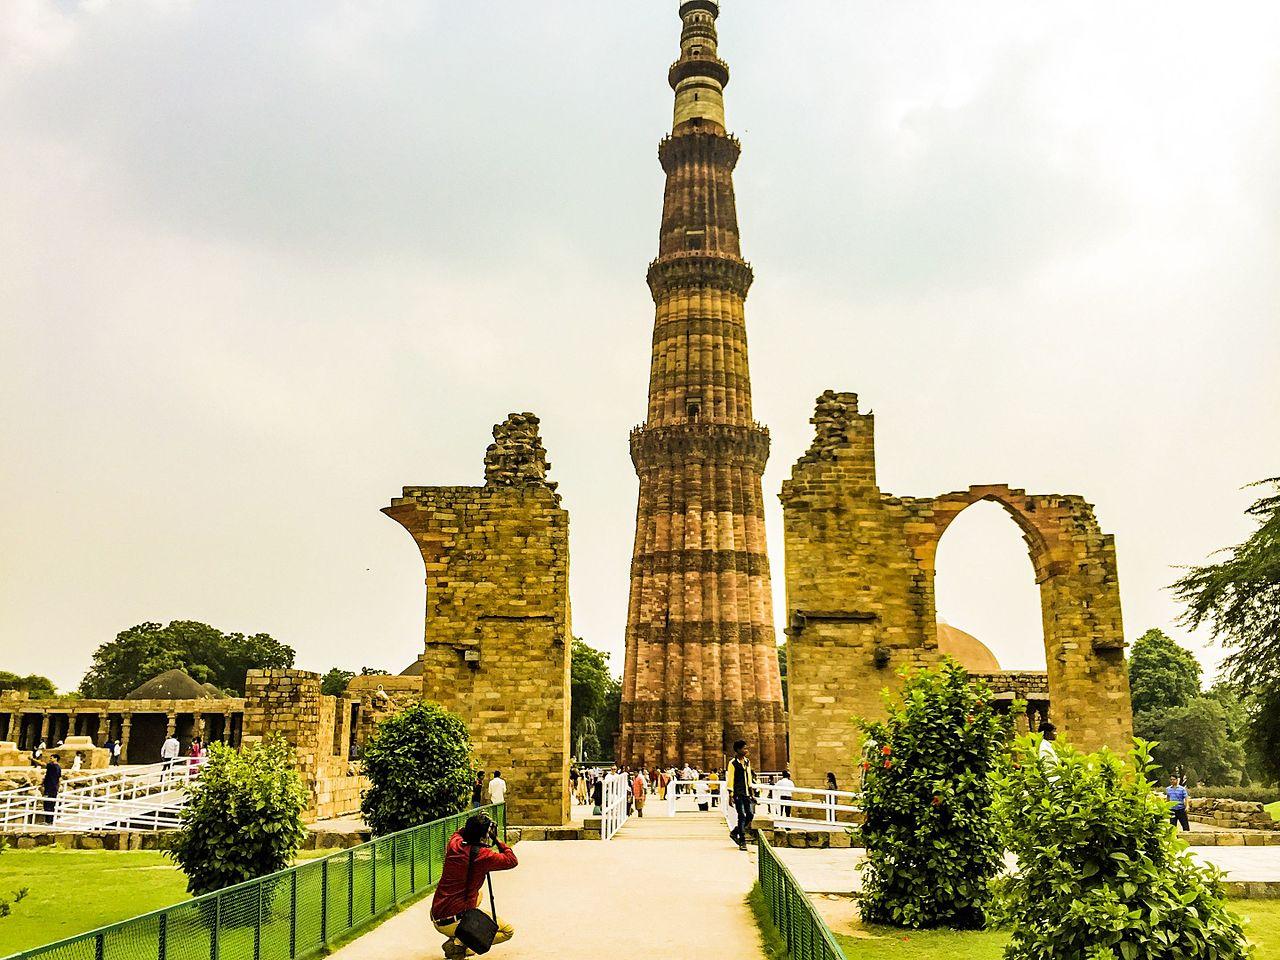 Vista del Qutub Minar